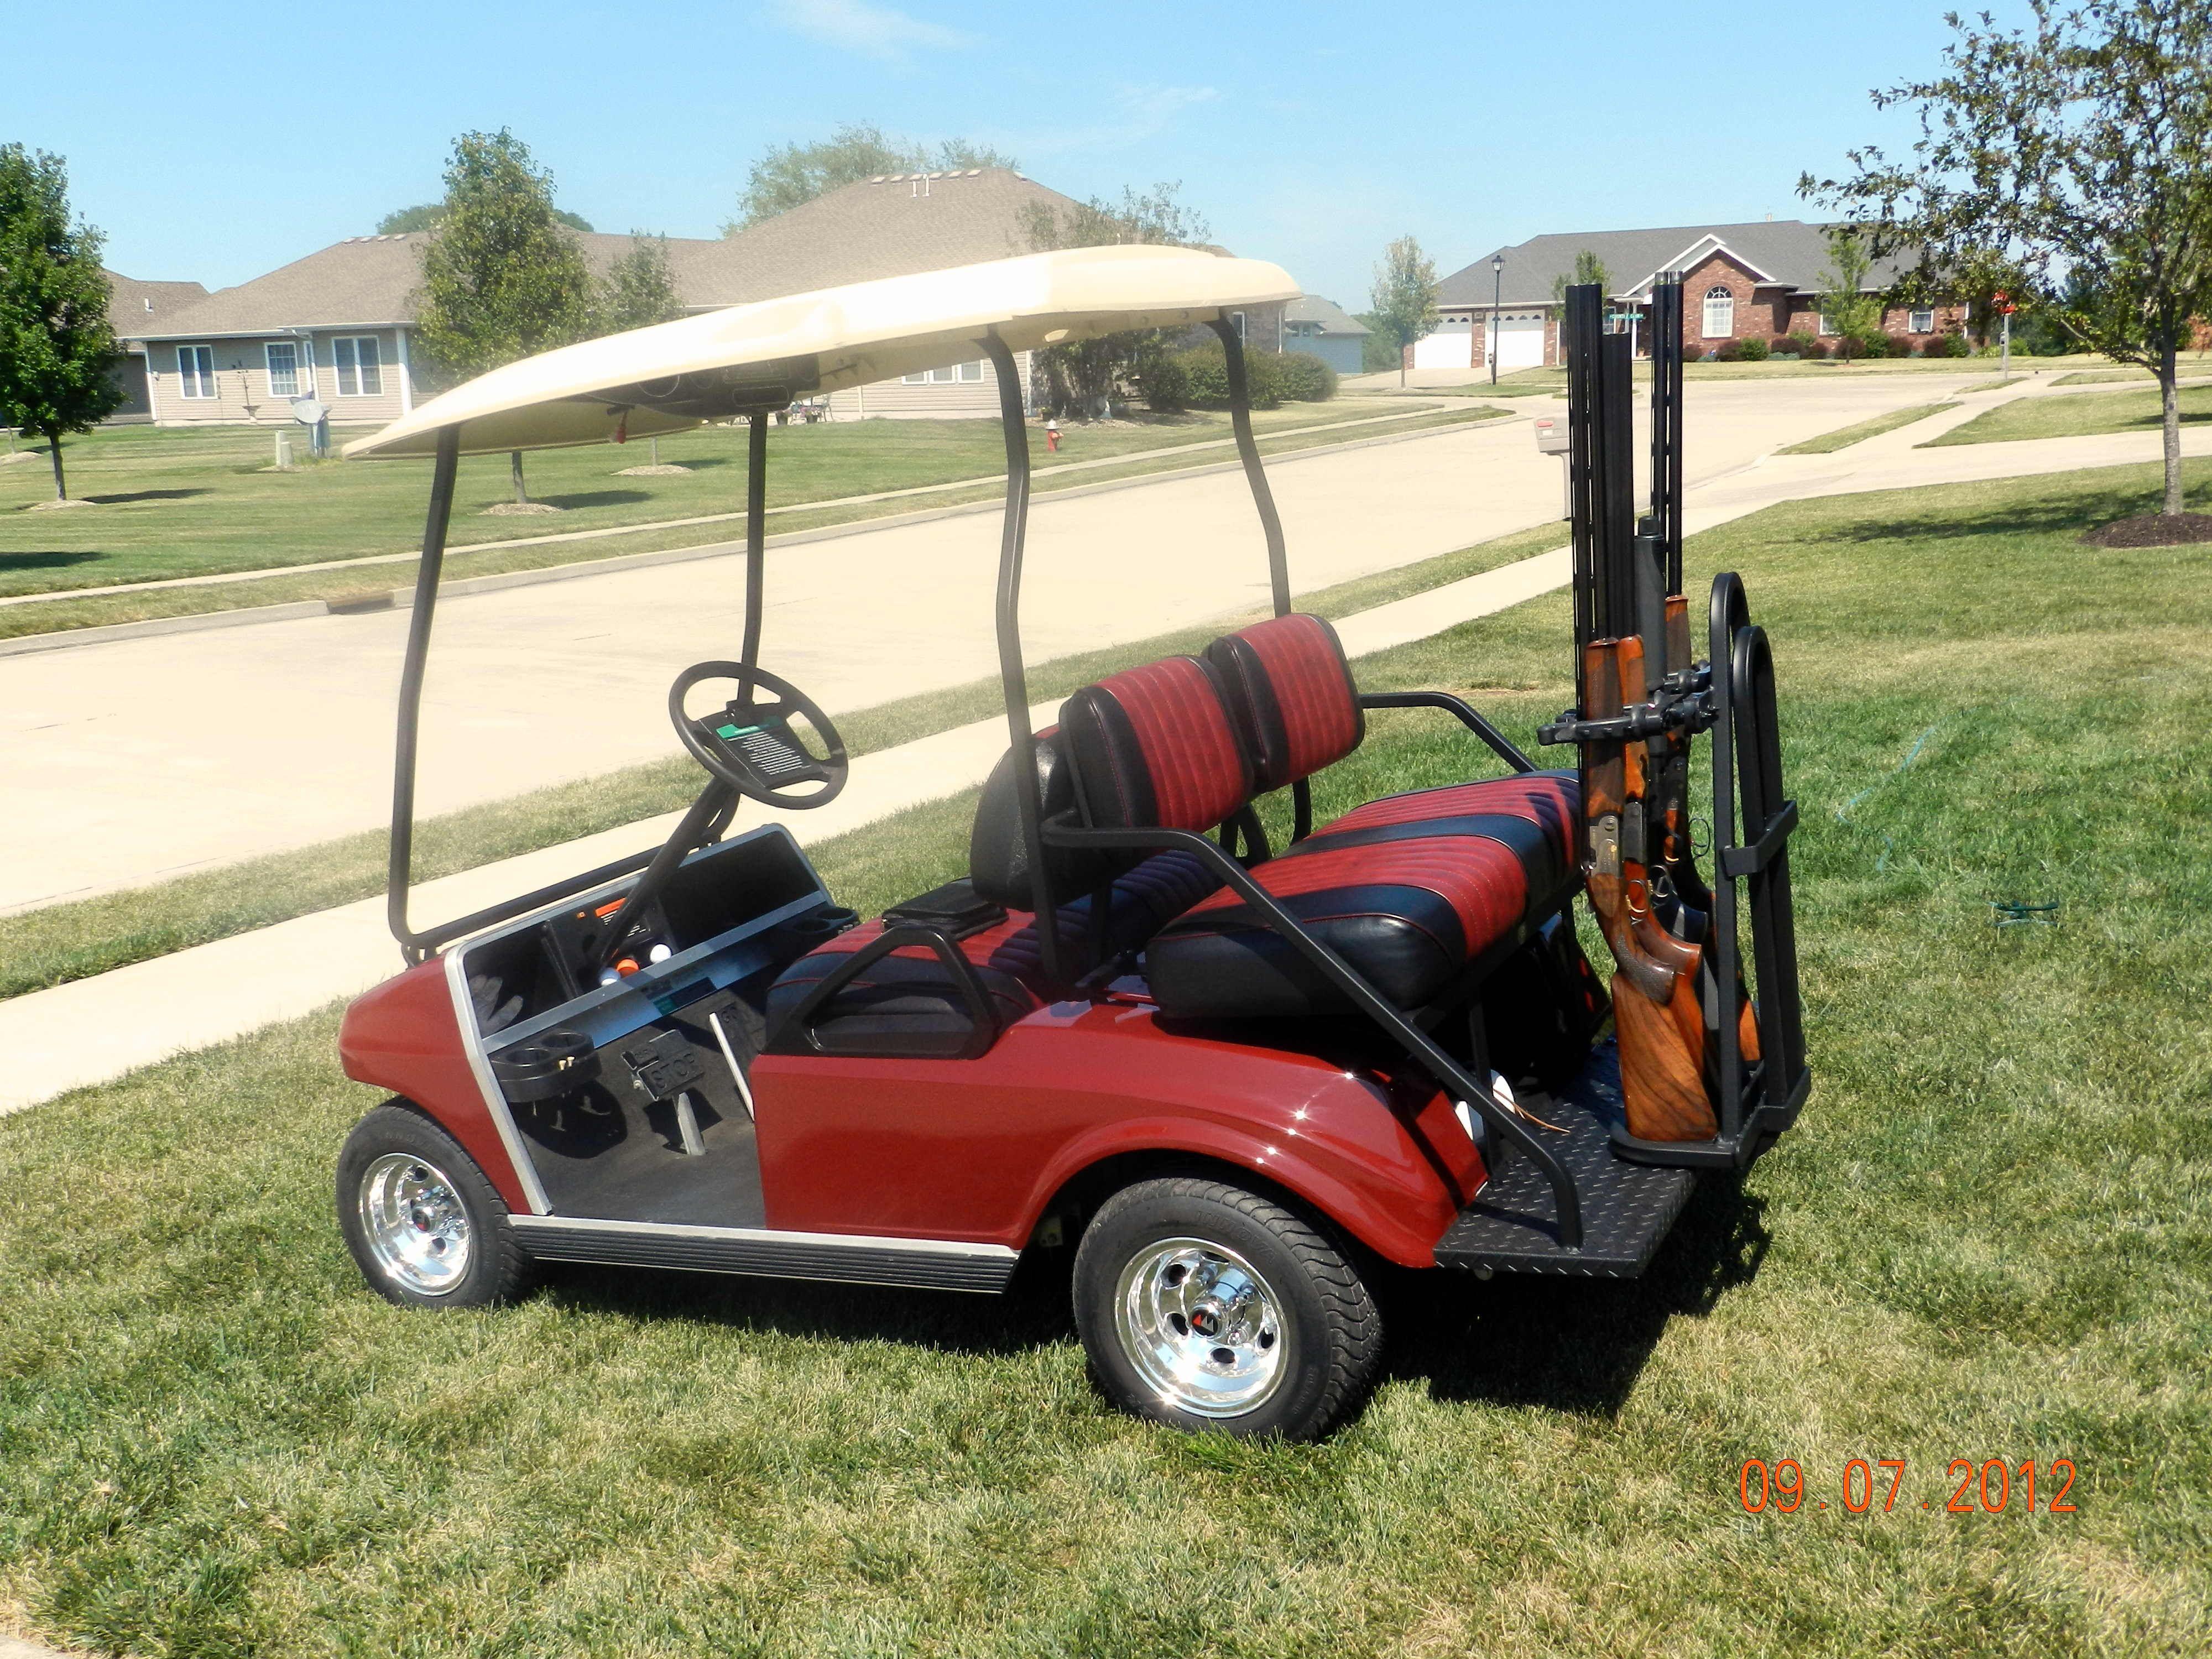 DS 4 Passenger Golf Car with Gun Rack | GOLF CARS / GOLF ...